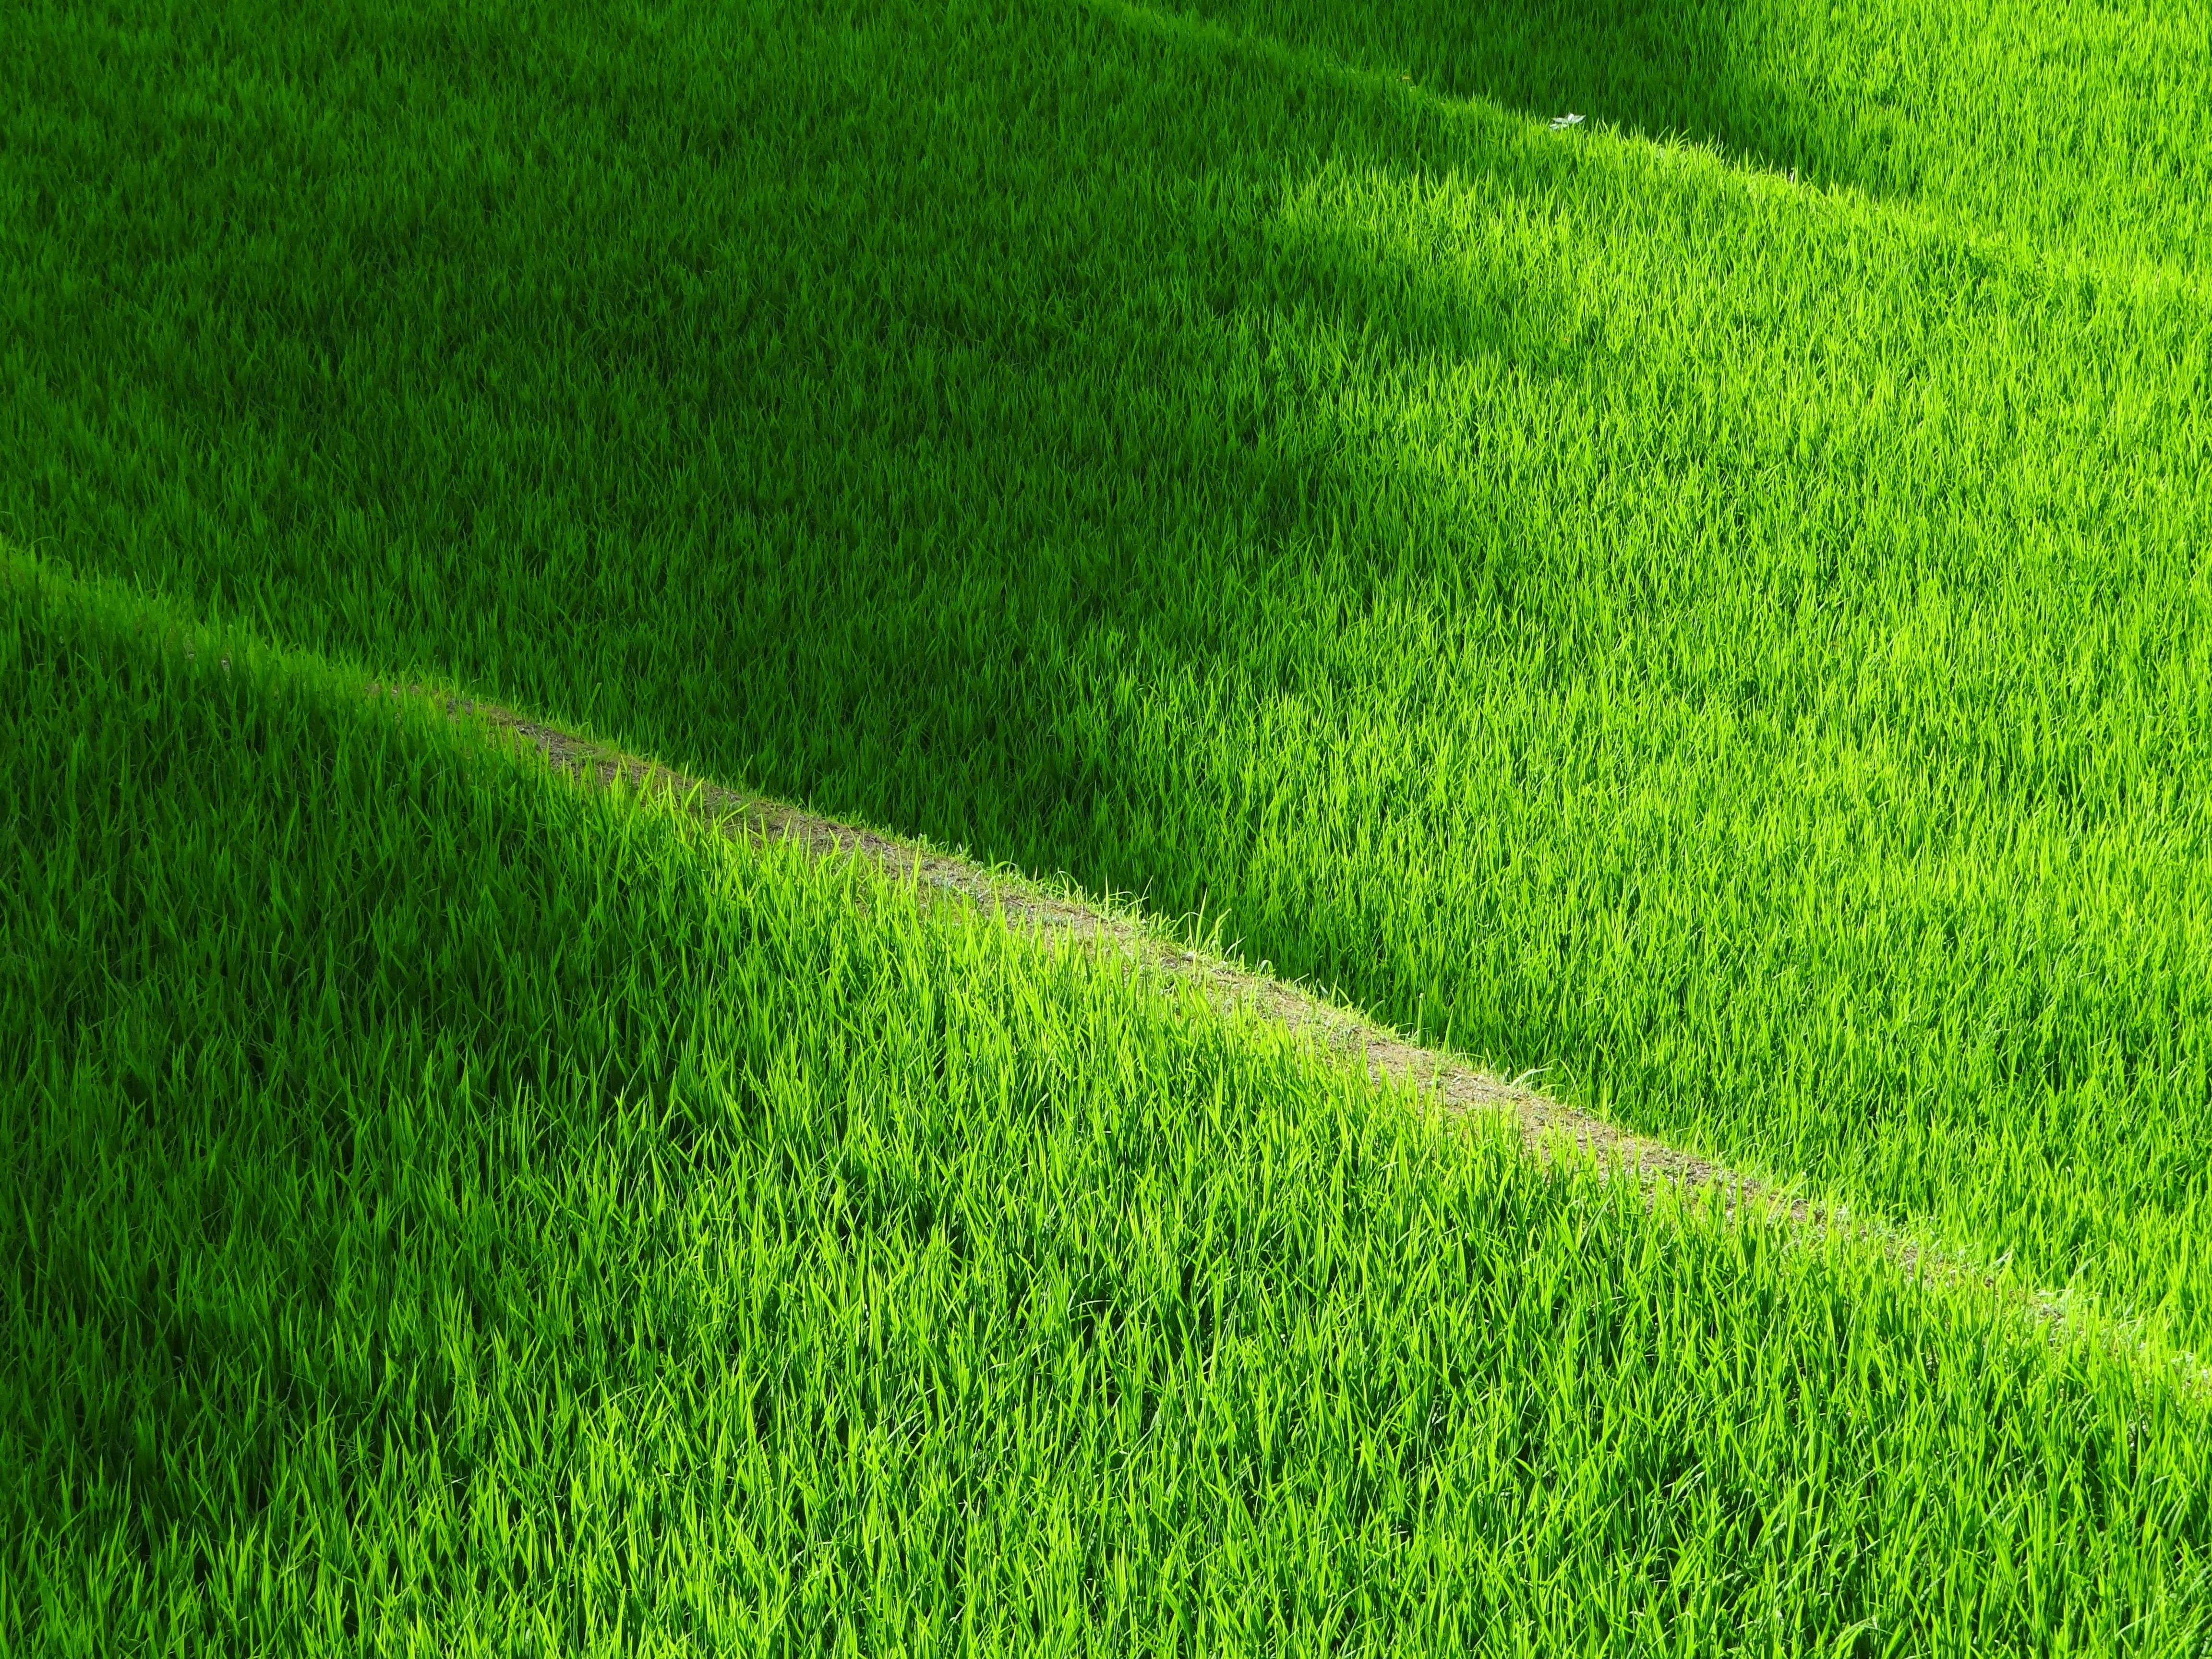 Kostenloses Stock Foto zu bauernhof, feld, gras, grün